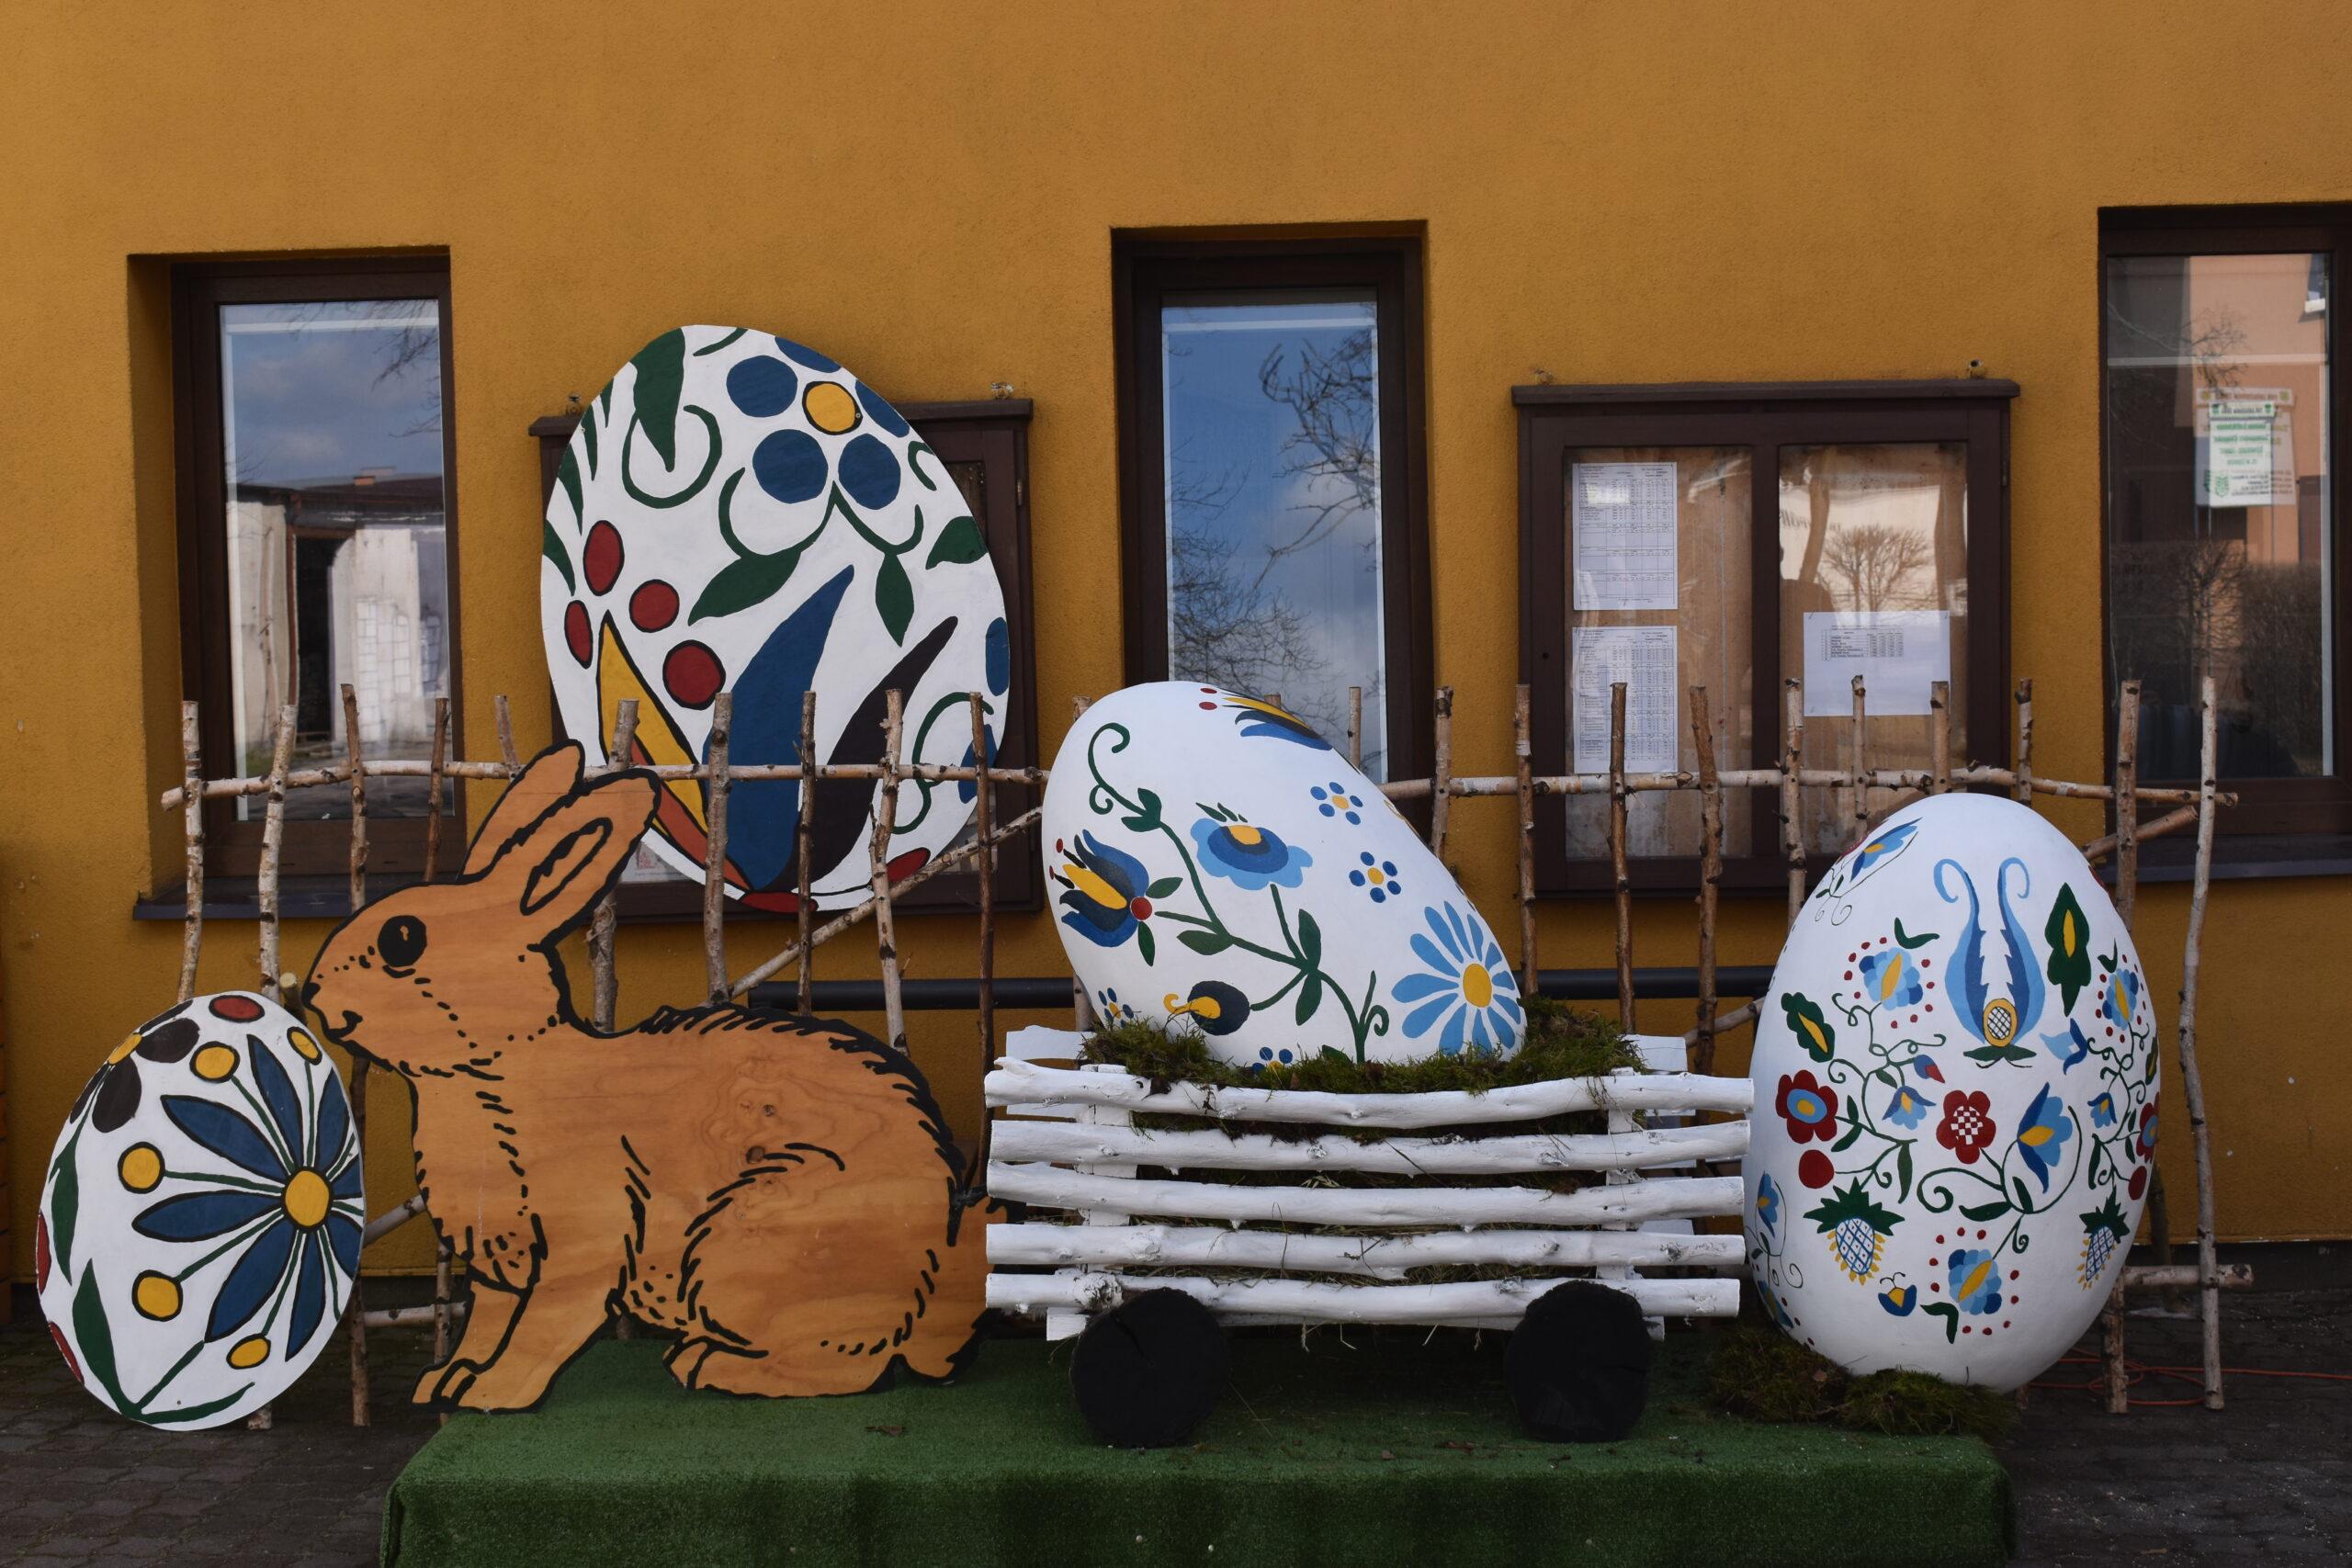 Wielkonocny wysrój przed budynkiem GOKSiR Lipusz, 4 wielkanocne kaszubskie jaja świąteczne, zająca